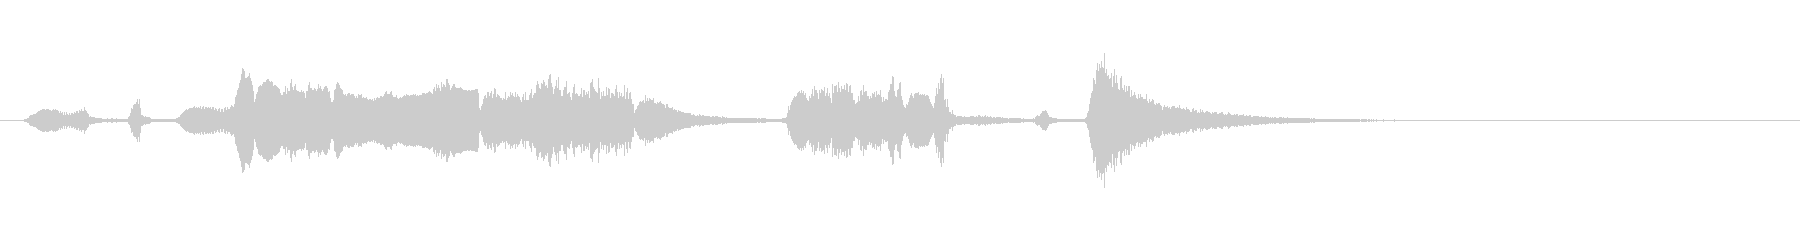 【生演奏】アコーディオンジングル41の未再生の波形